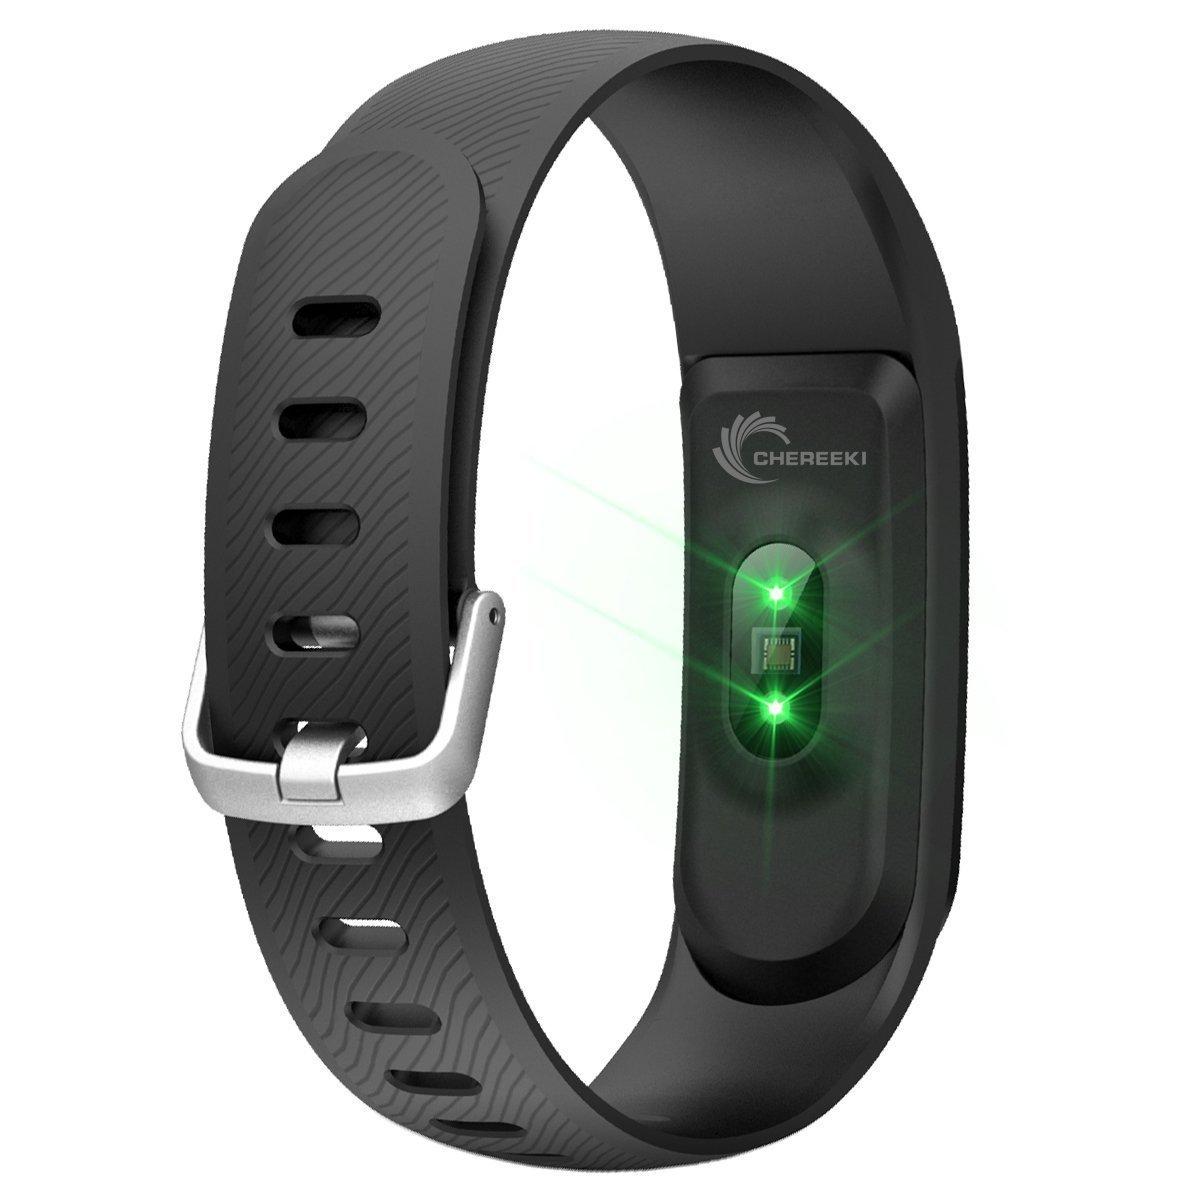 CHEREEKI Pulsera Actividad [versión mejorada] con control de frecuencia cardíaca podómetro monitor, Smartwatch pulsera inteligente de sueño compatible ...